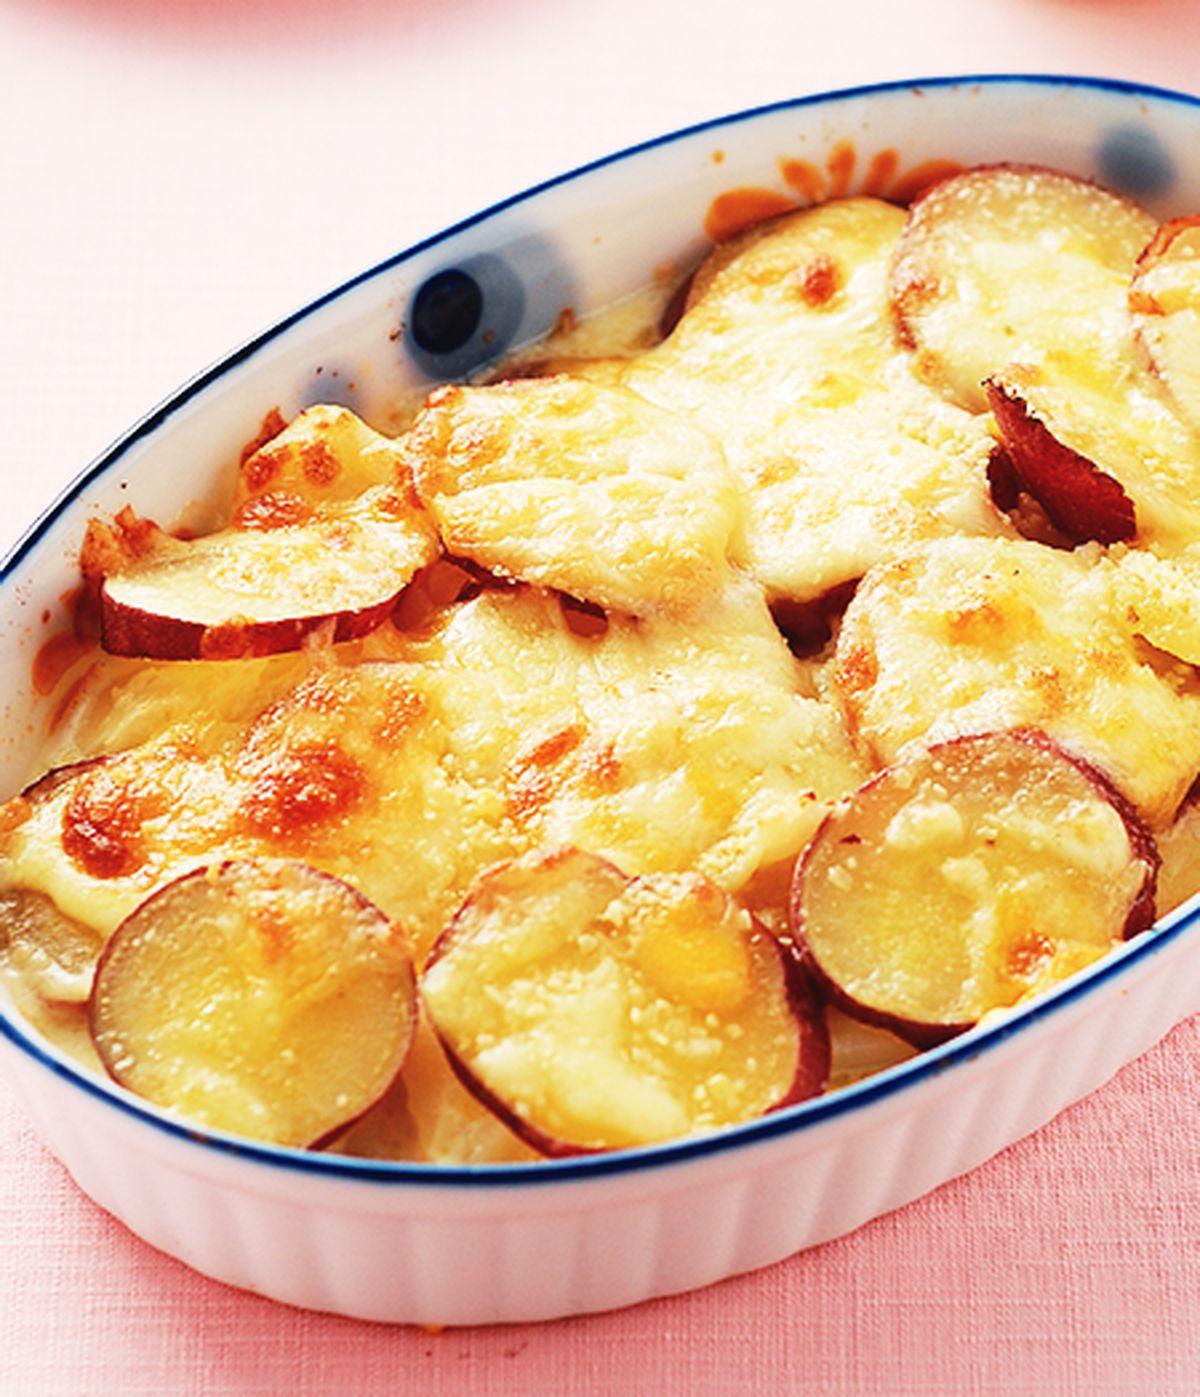 食譜:焗烤雙色甜薯